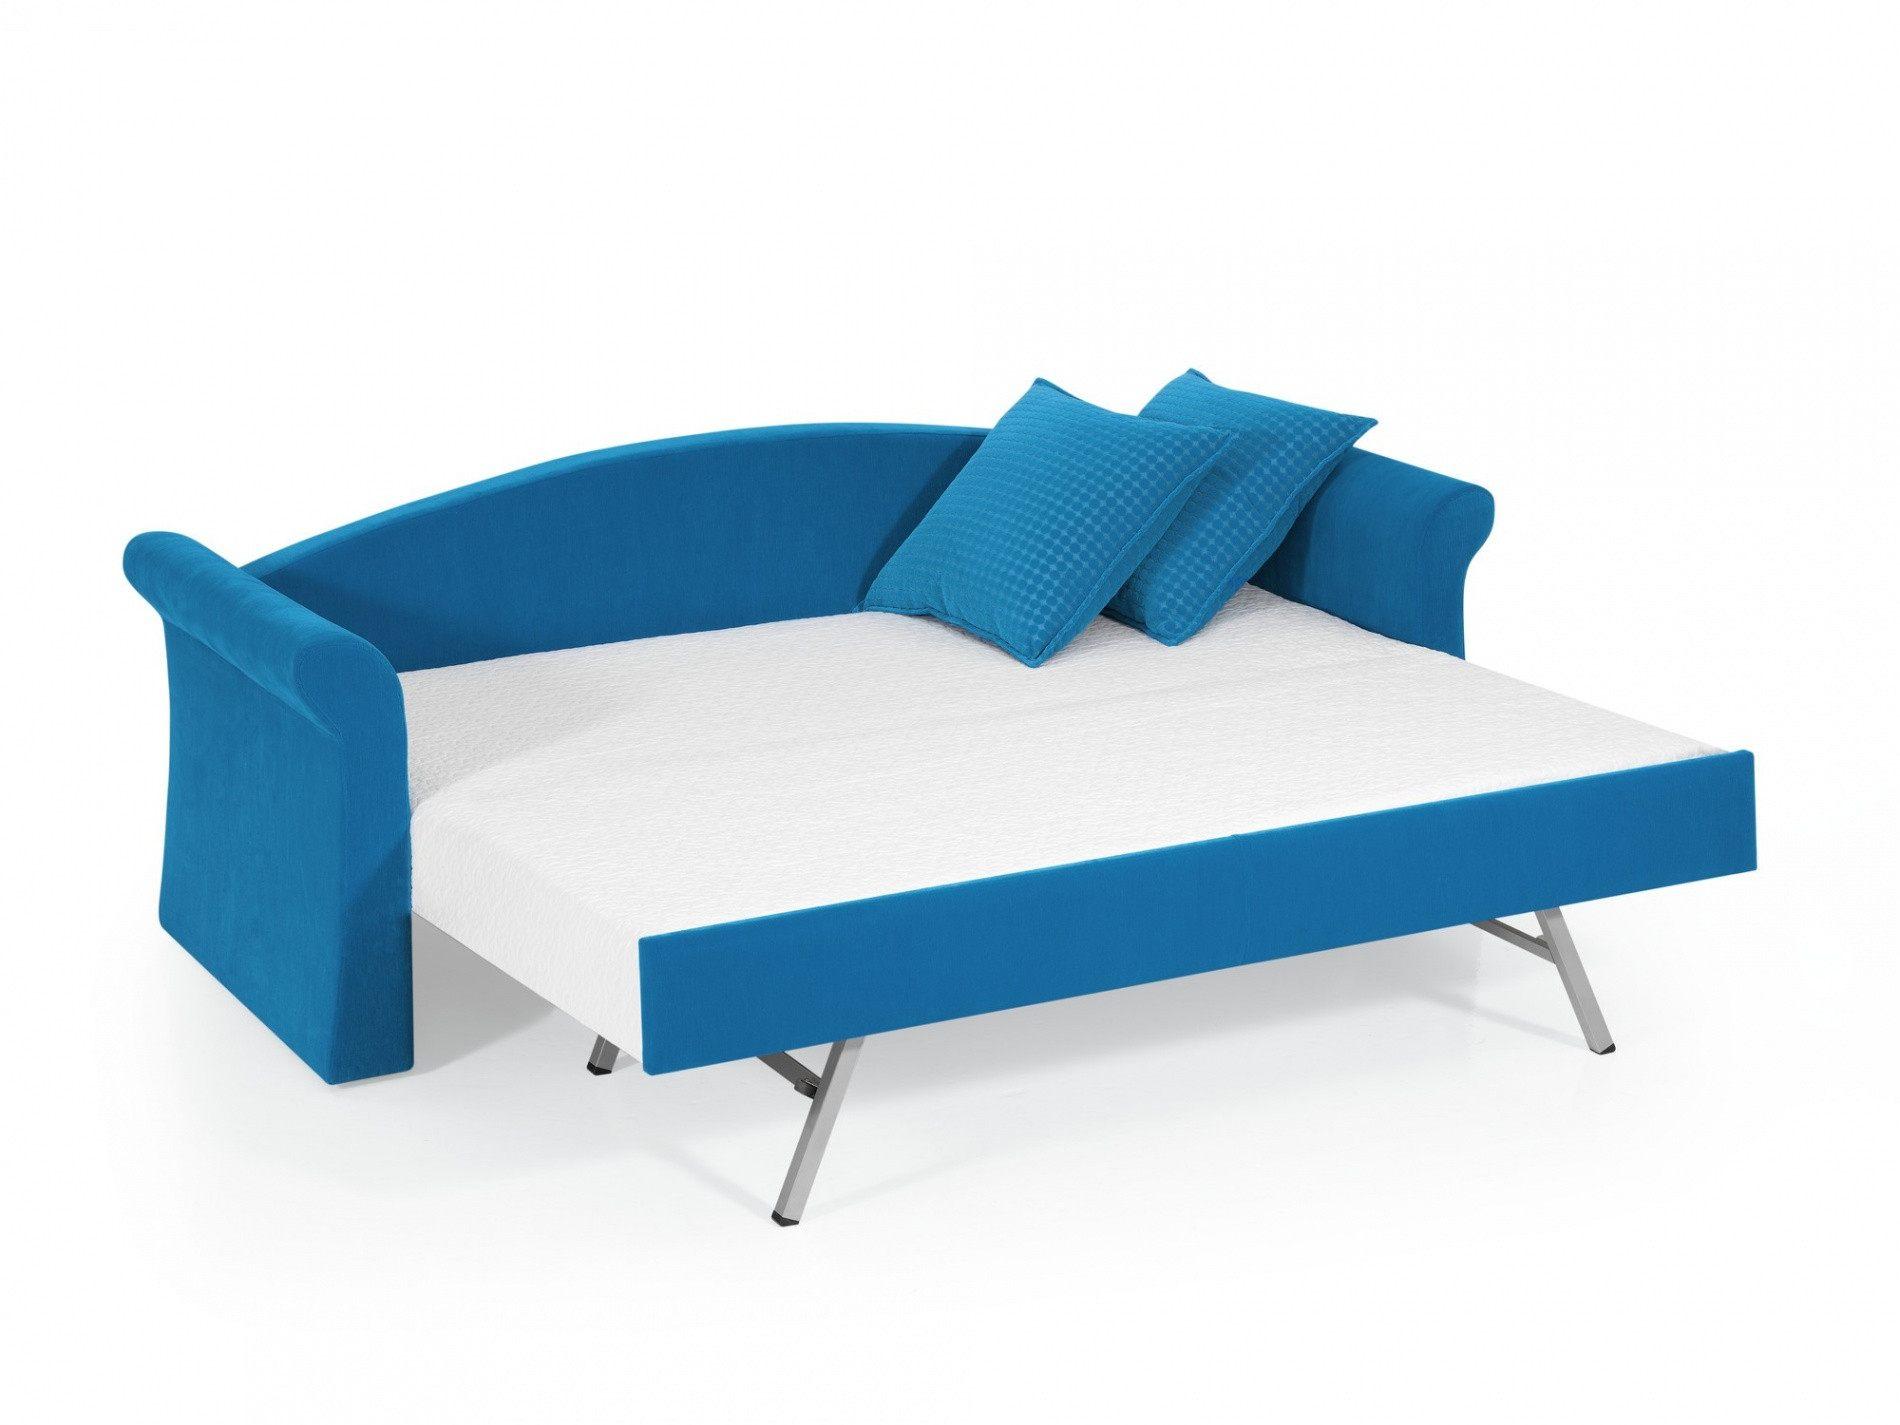 Canapé Lit Couchage Quotidien Ikea Bel 35 Frais Canapé Lit Couchage Quoti N Ikea Inspirations